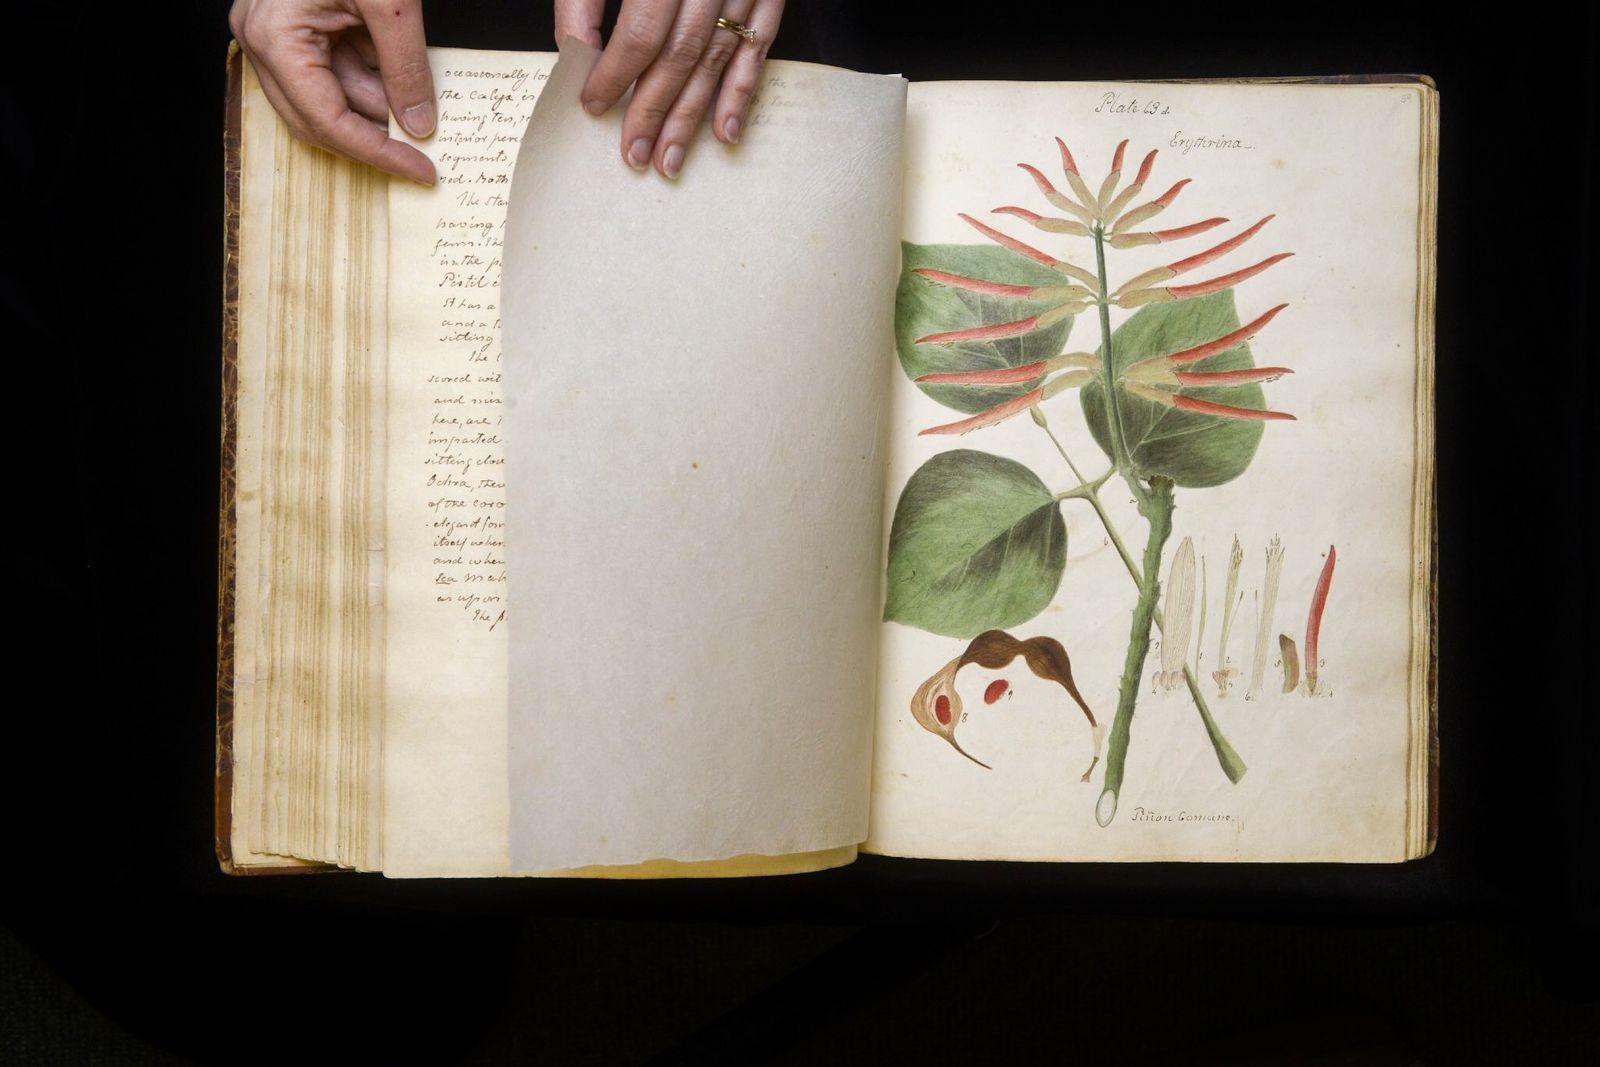 Diese Zeichnung in Wollstonecrafts Manuskript zeigt eine Pflanze aus der Gattung der Korallenbäume (Erythrina), deren Name ...